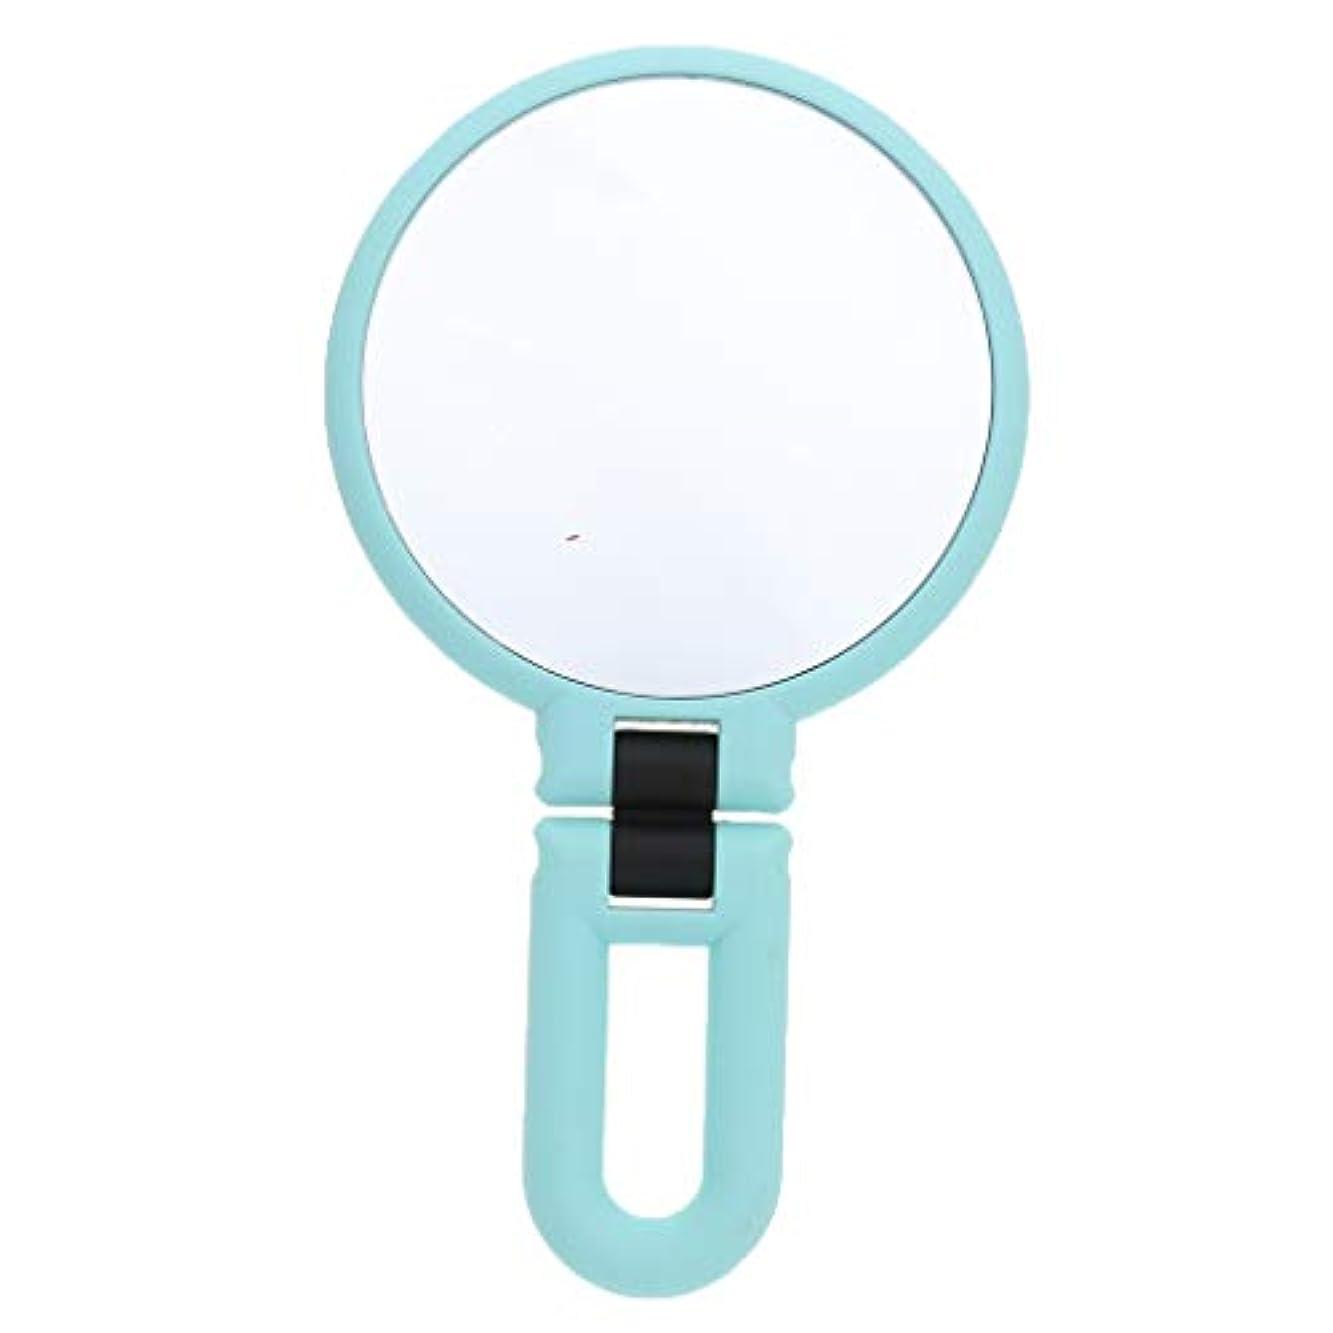 とげ貝殻発音gazechimp 鏡 化粧鏡 ハンドルミラー 装飾 ポータブル 両面鏡 全3サイズ - 15倍の拡大鏡